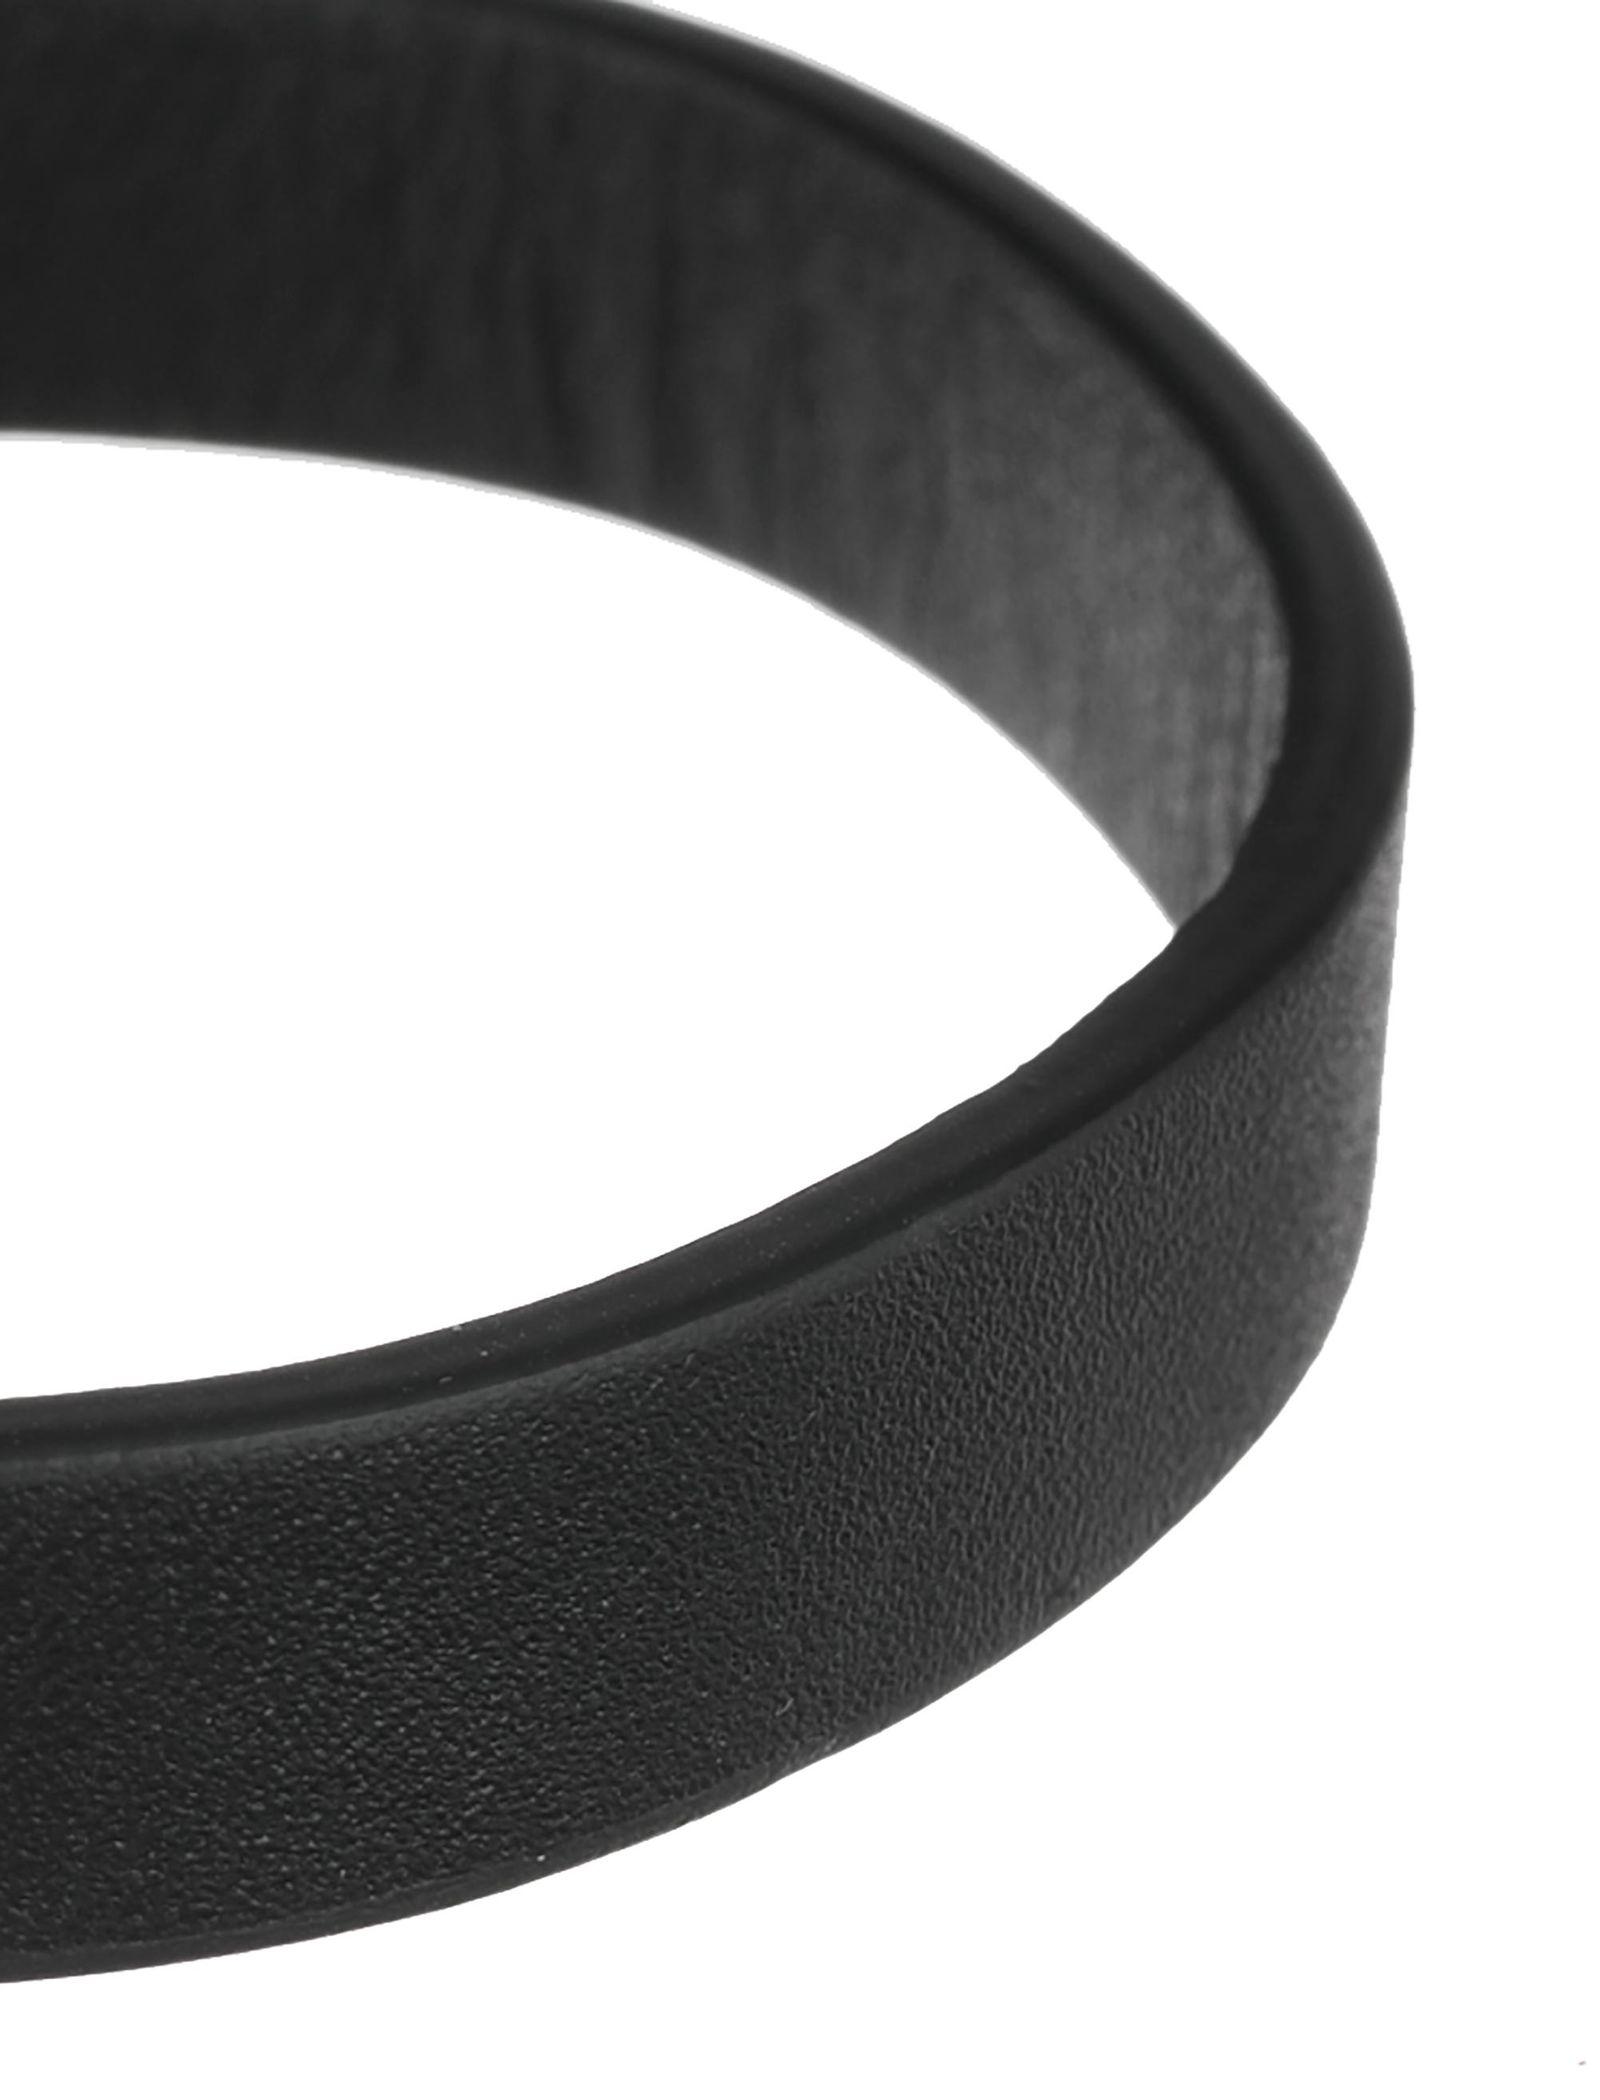 دستبند چرم بزرگسال - عالیخان سایز S - مشکي - 2